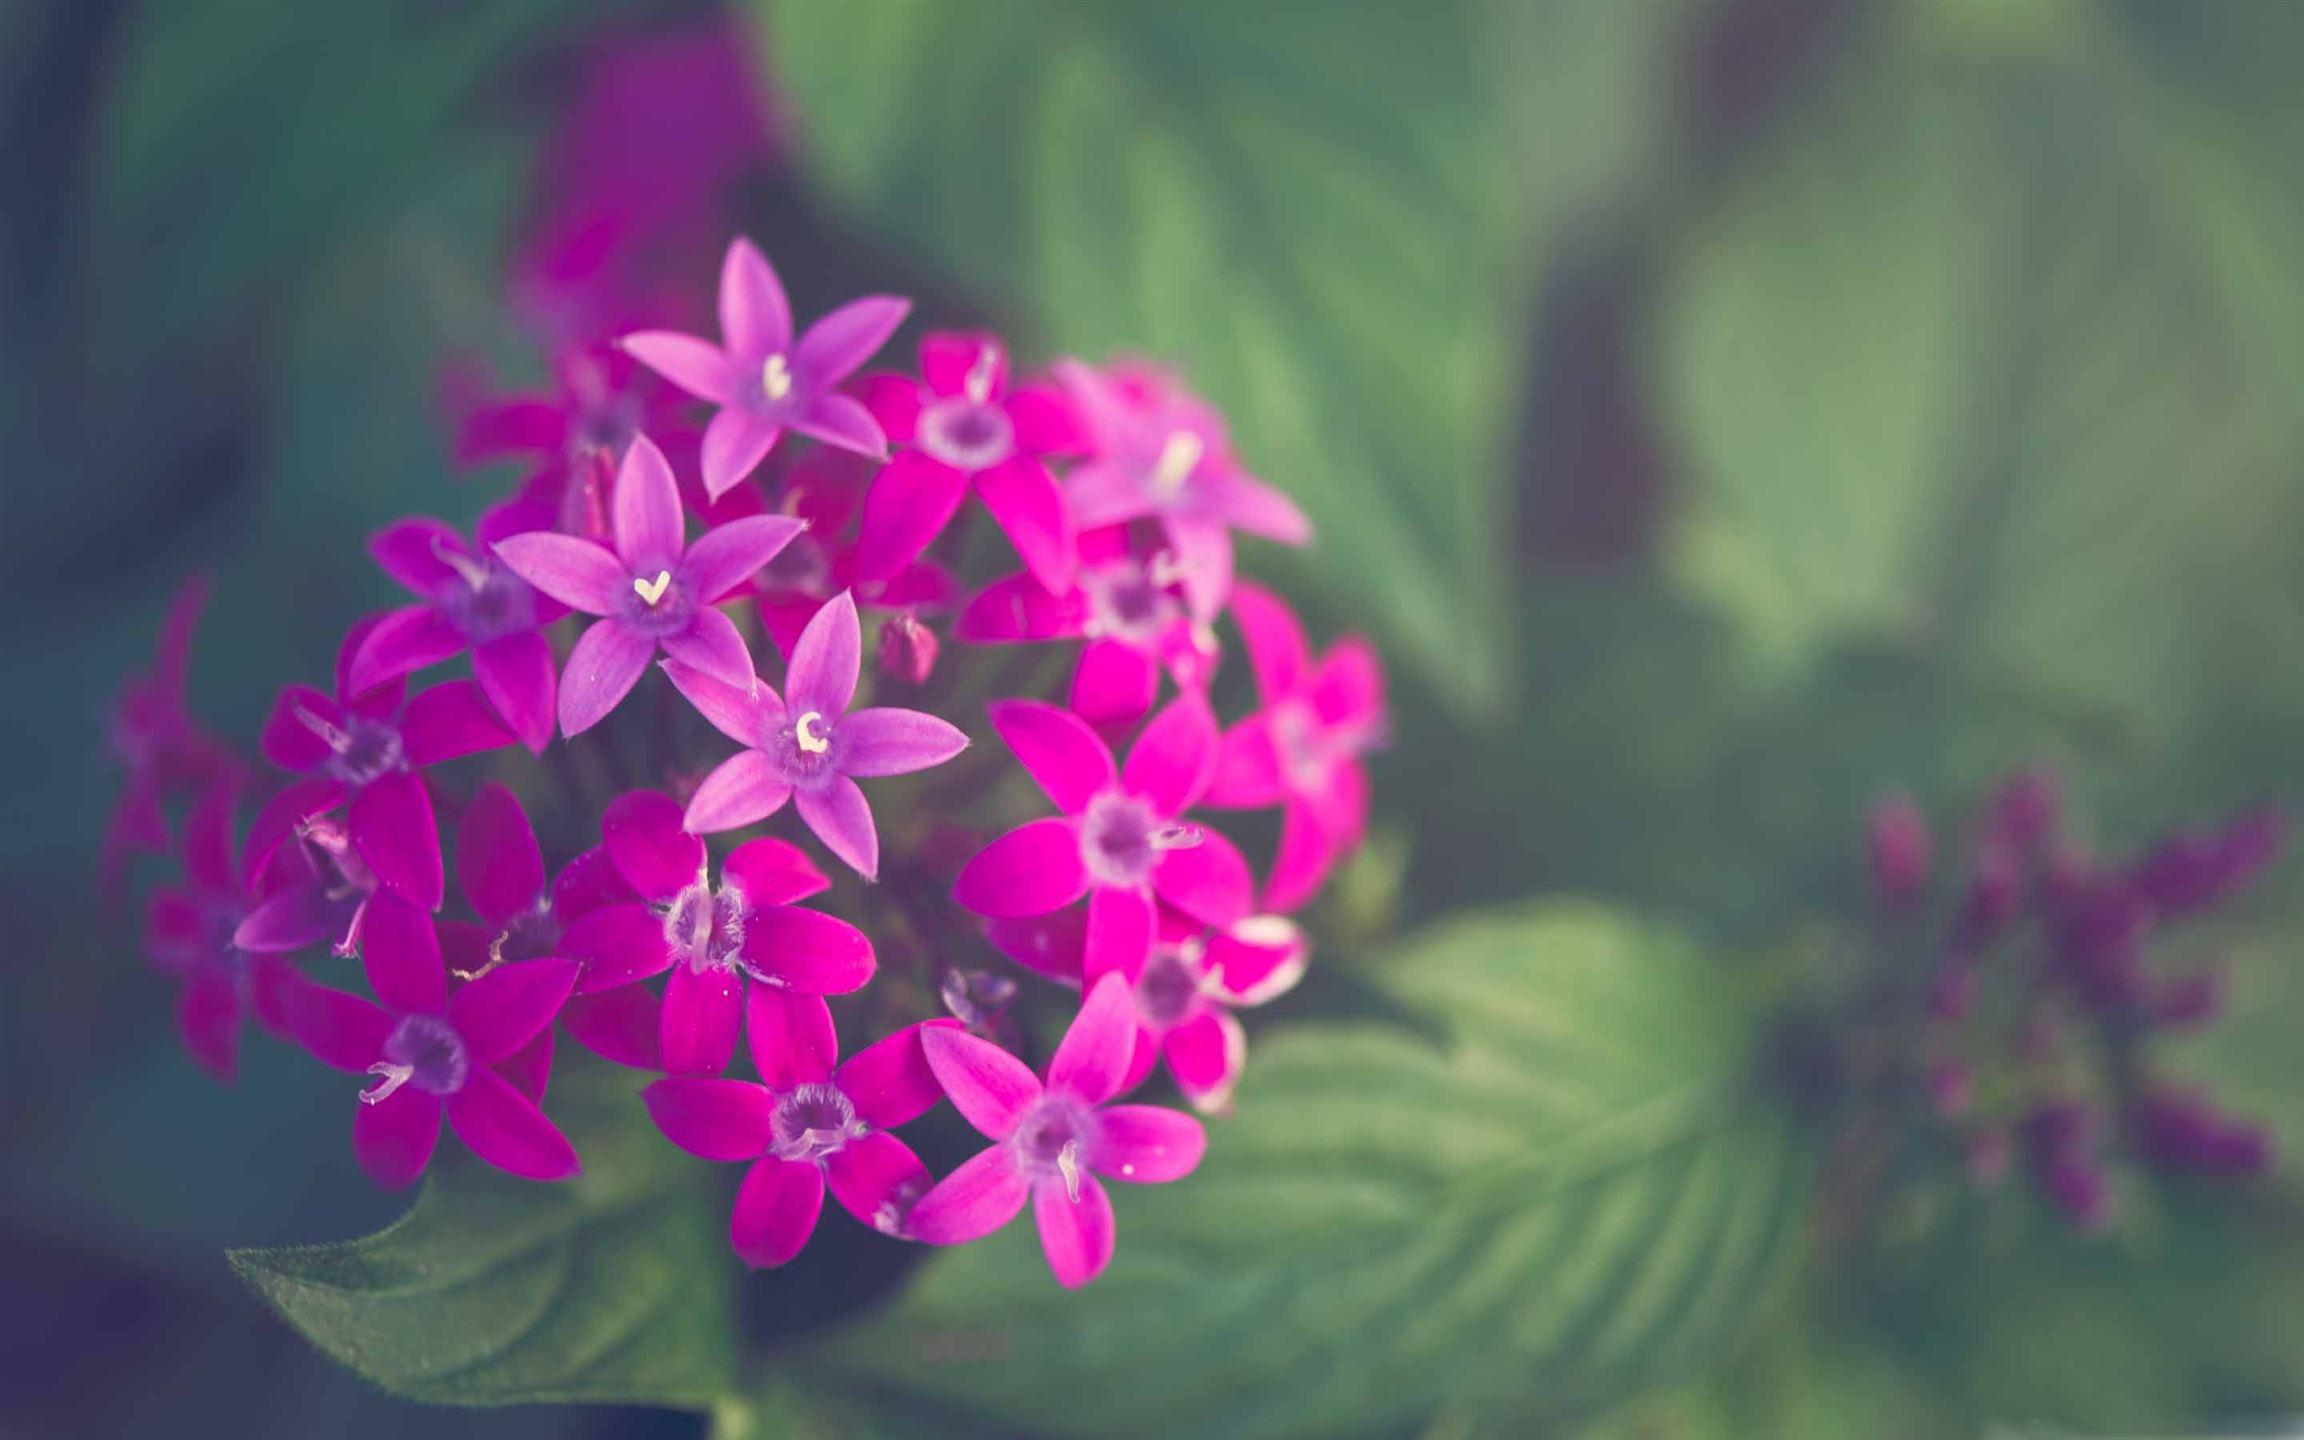 Purple Flower Mac Wallpaper Download | AllMacWallpaper